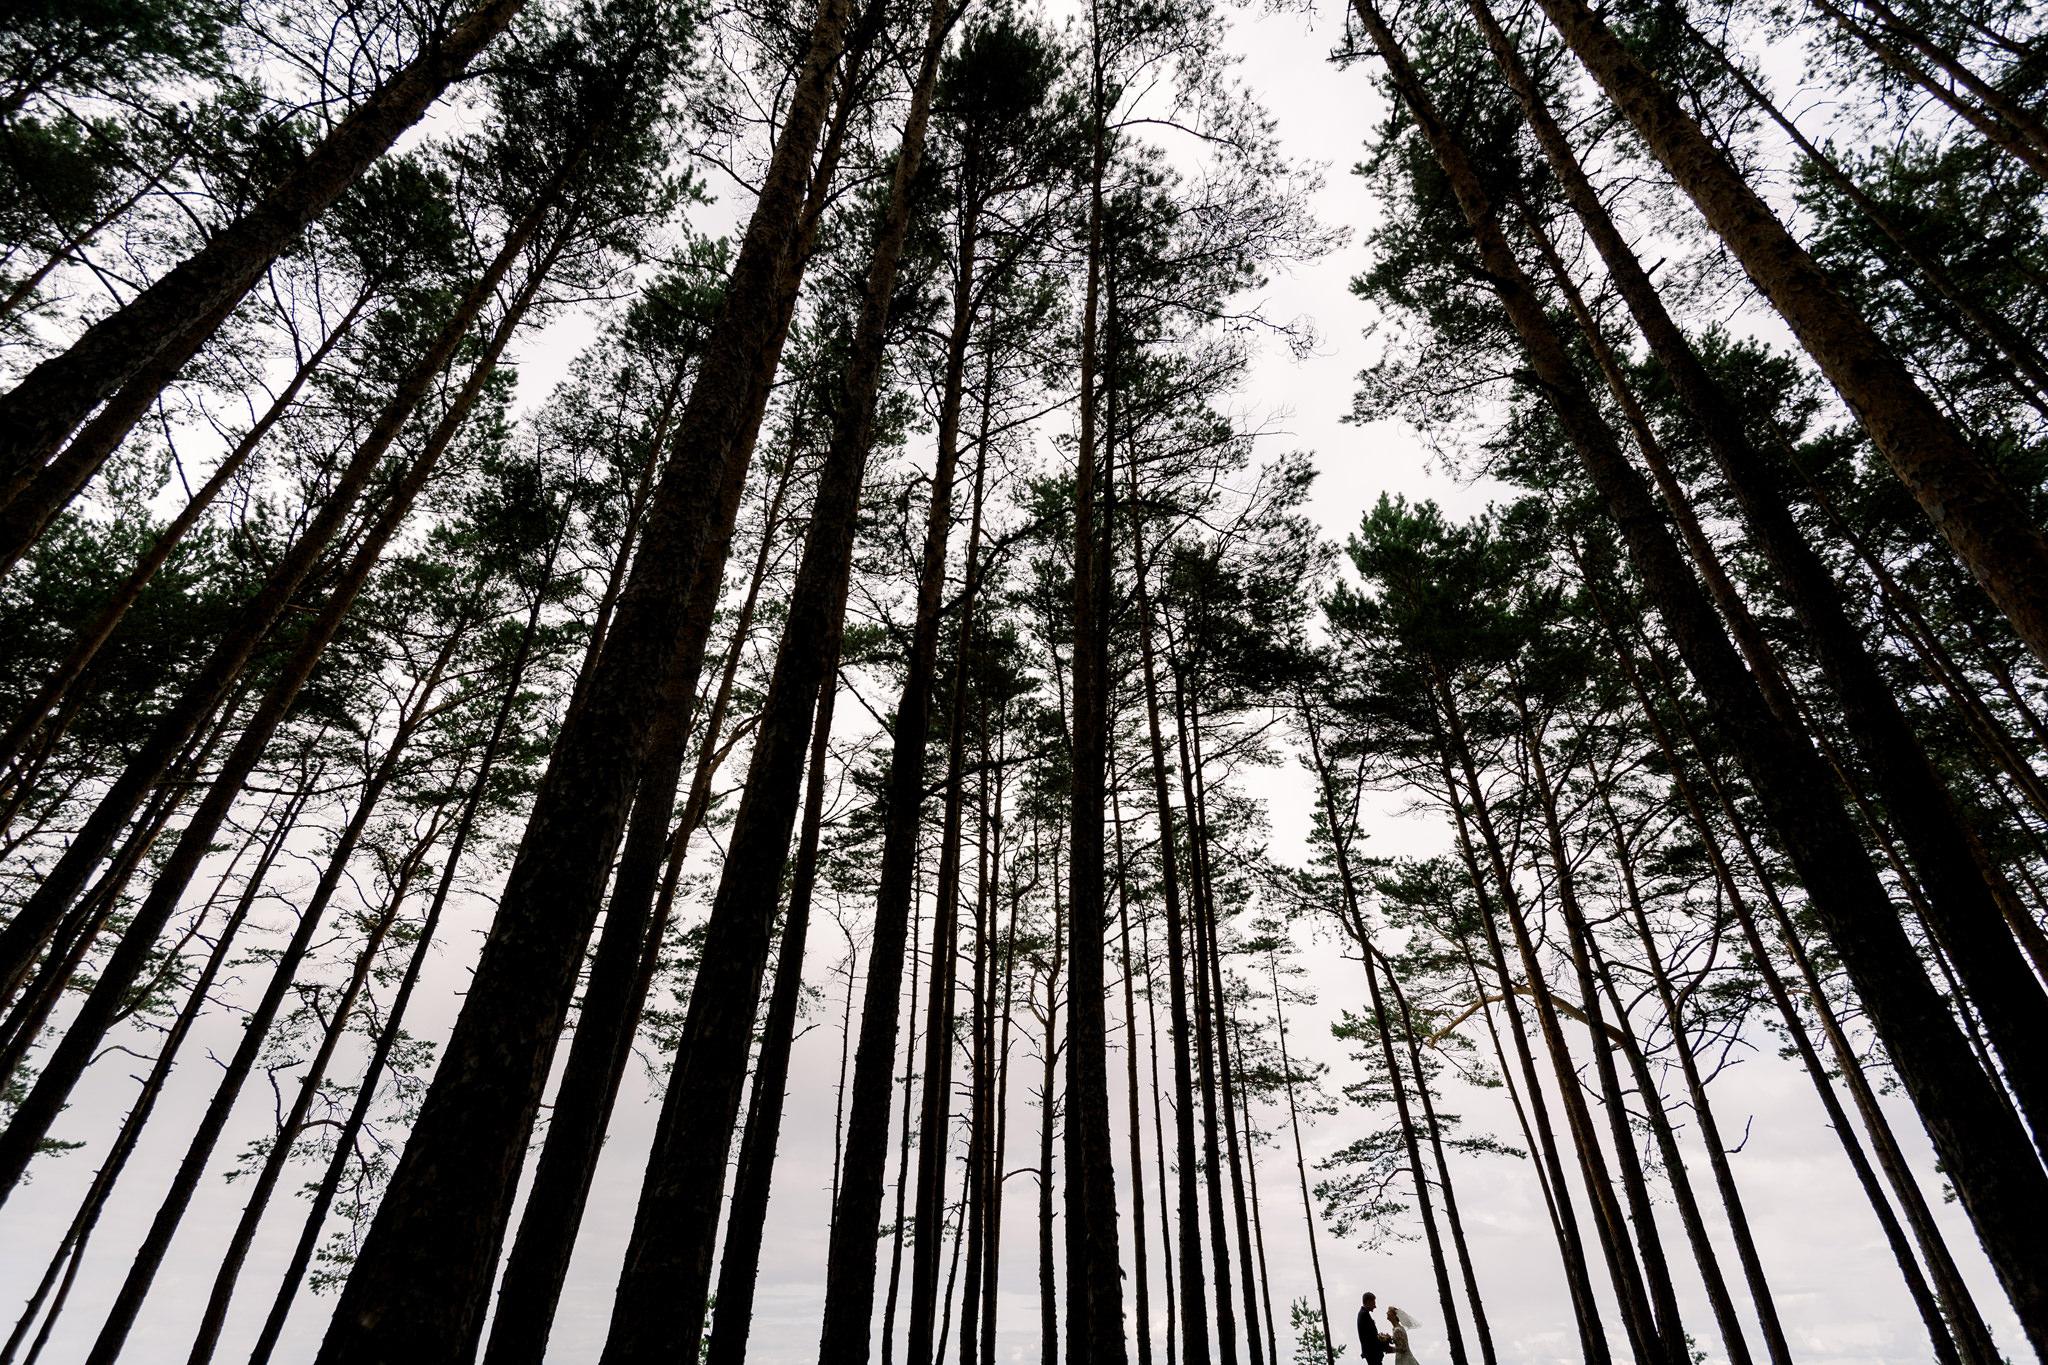 eesti-parim-pulmafotograaf-mait-juriado-mj-studios